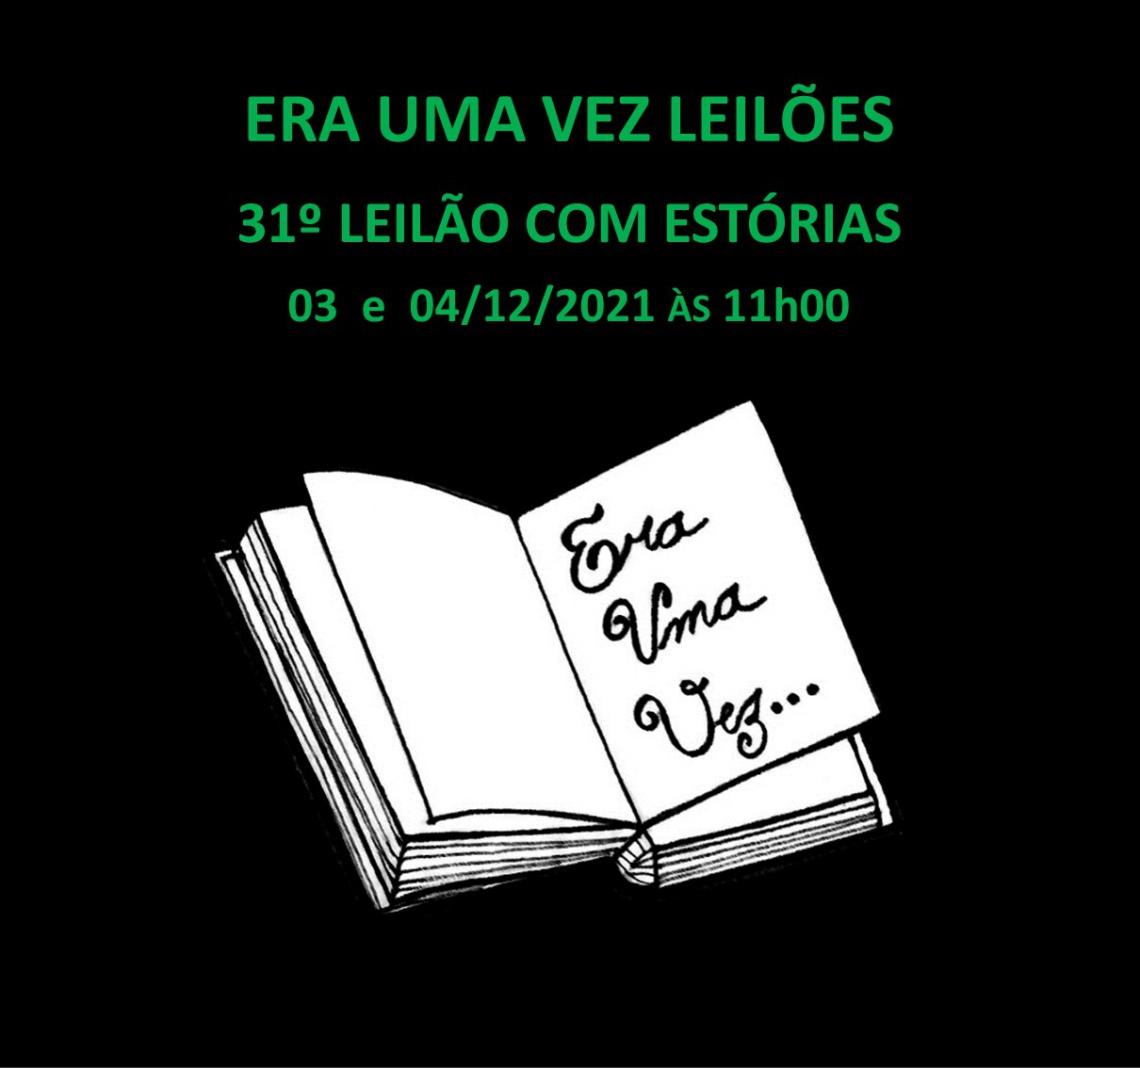 30º LEILÃO COM ESTÓRIAS - 12 e 13/11/2021 às 16h00